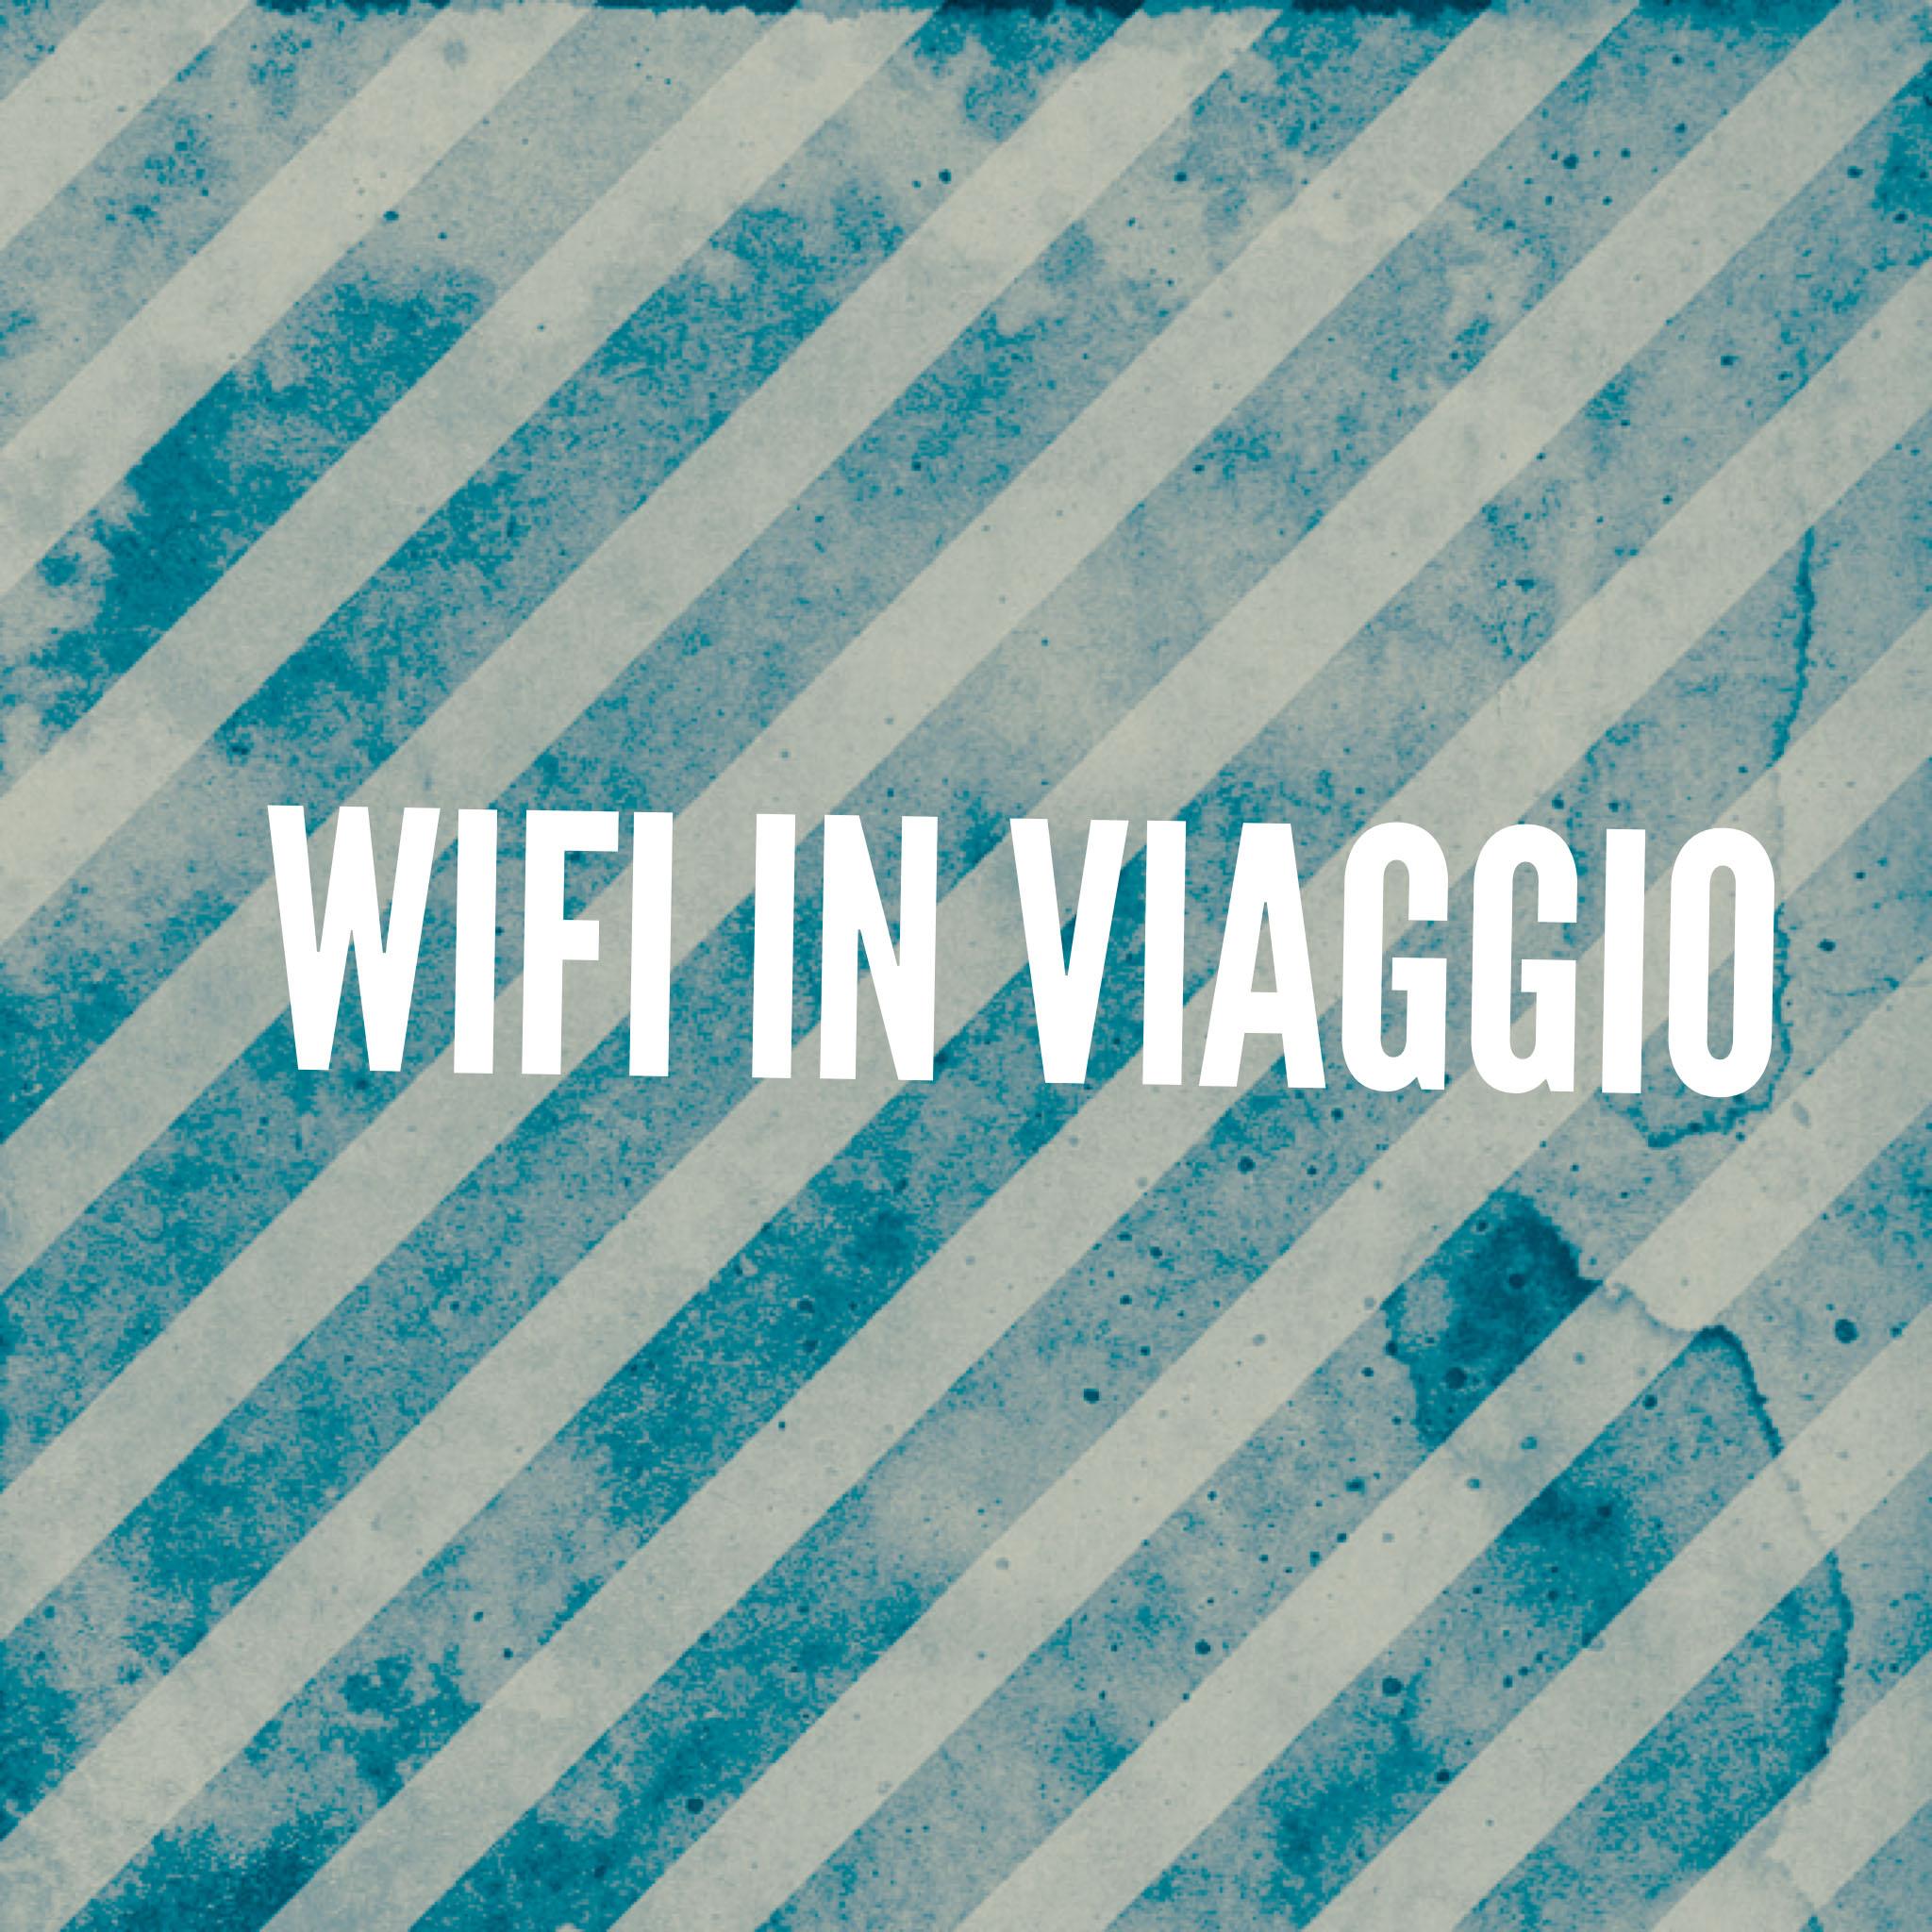 WiFi in viaggio: ecco come averlo sempre a disposizione 3